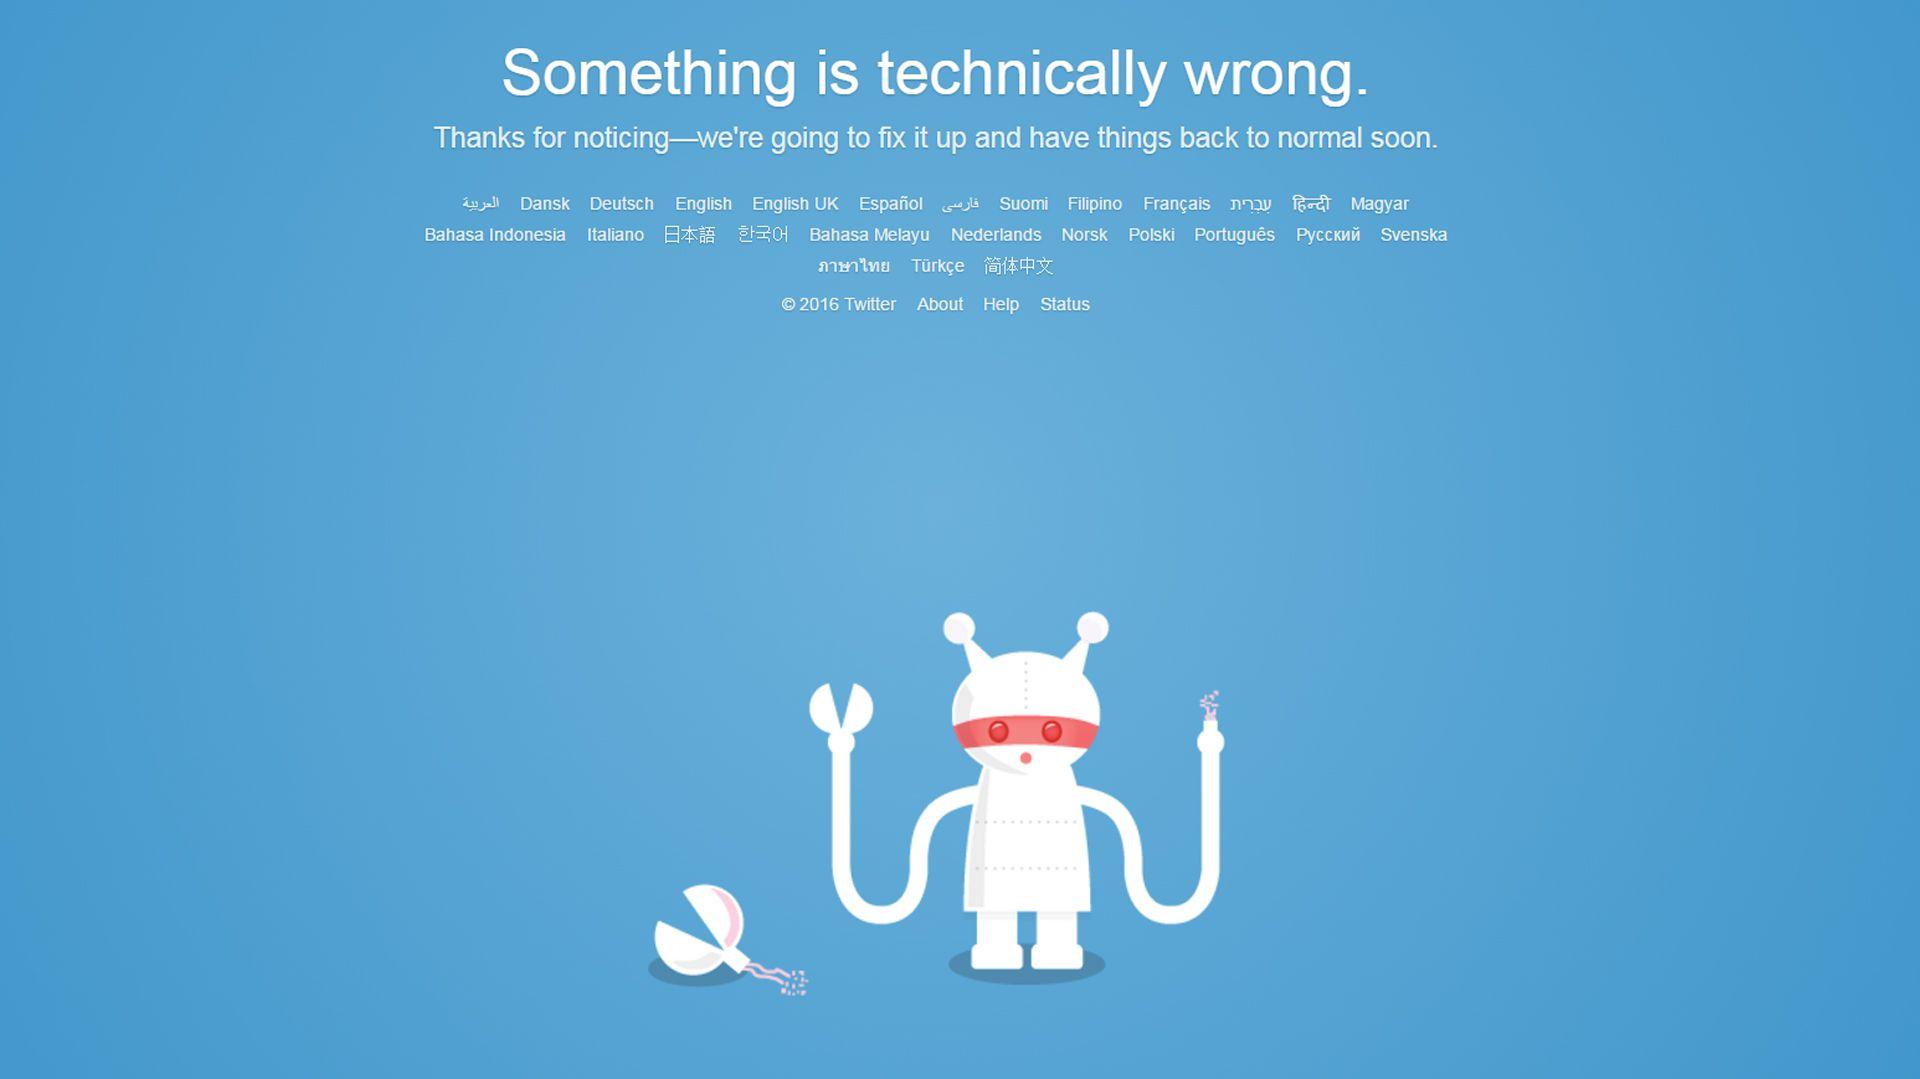 La imagen que ven muchos usuarios cuando intentan acceder (sin éxito) a Twitter  162